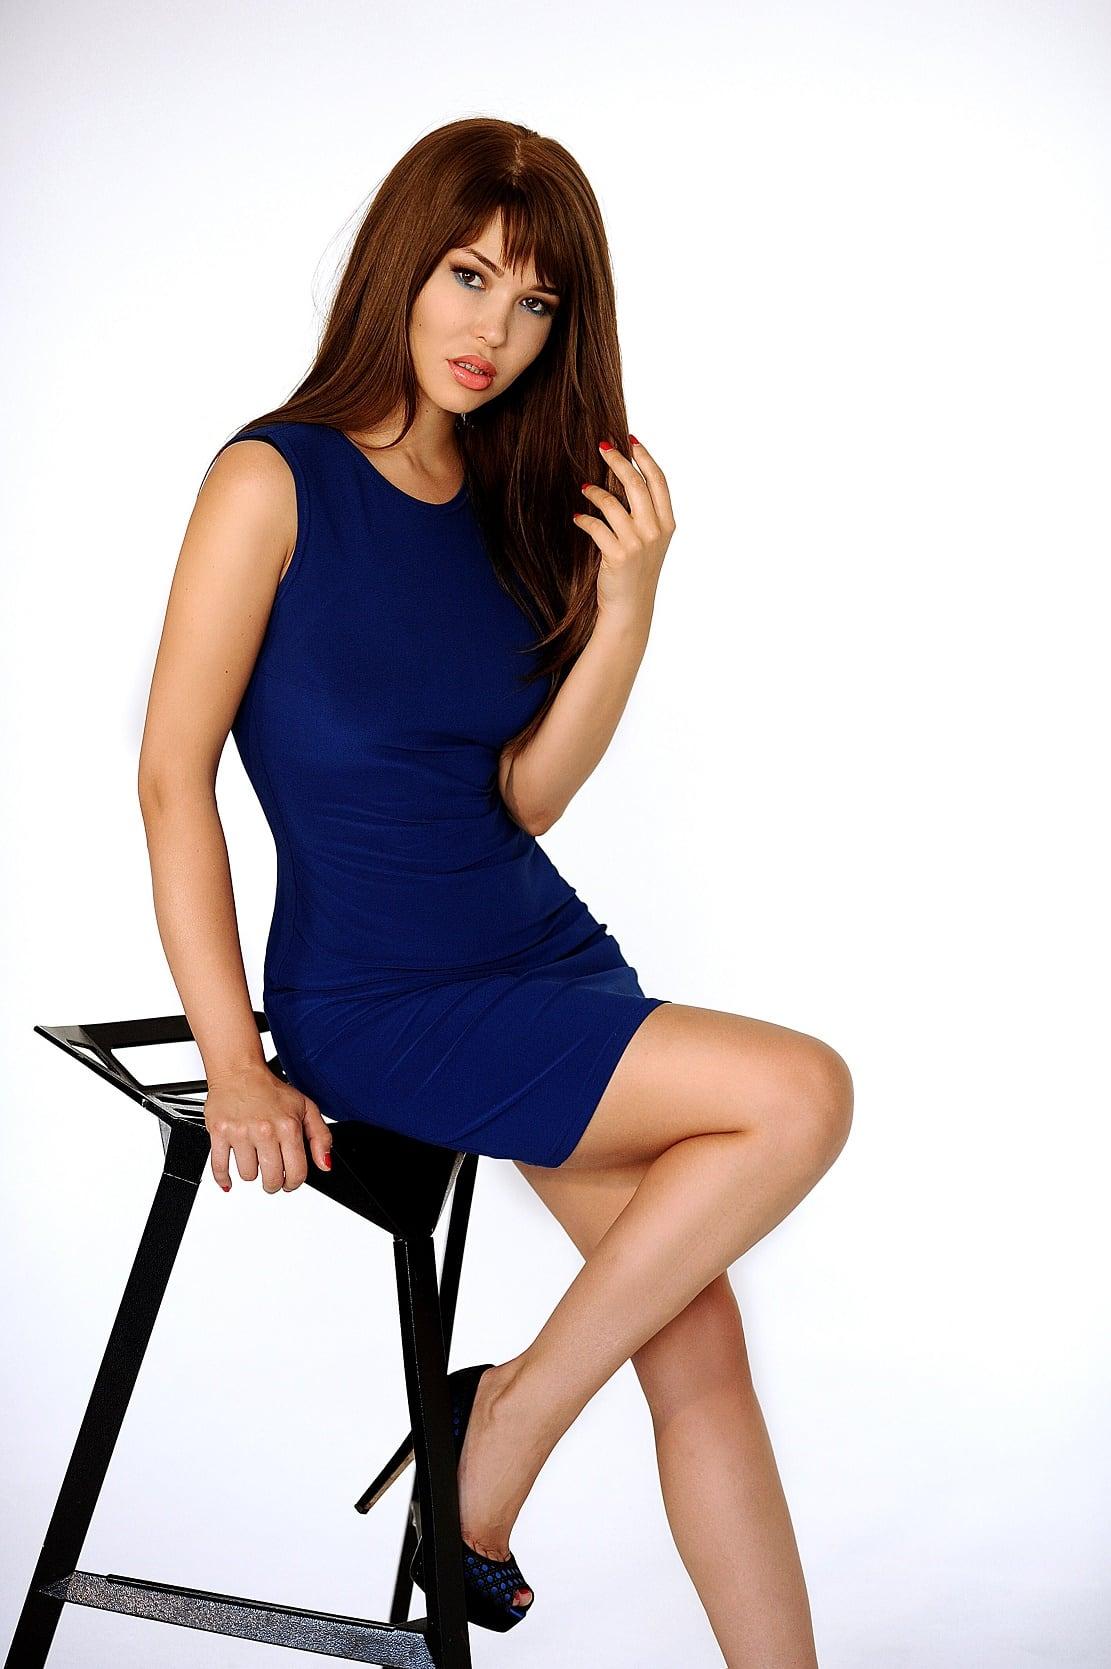 Maria Liman, sensual belleza de Playboy – Noticiero